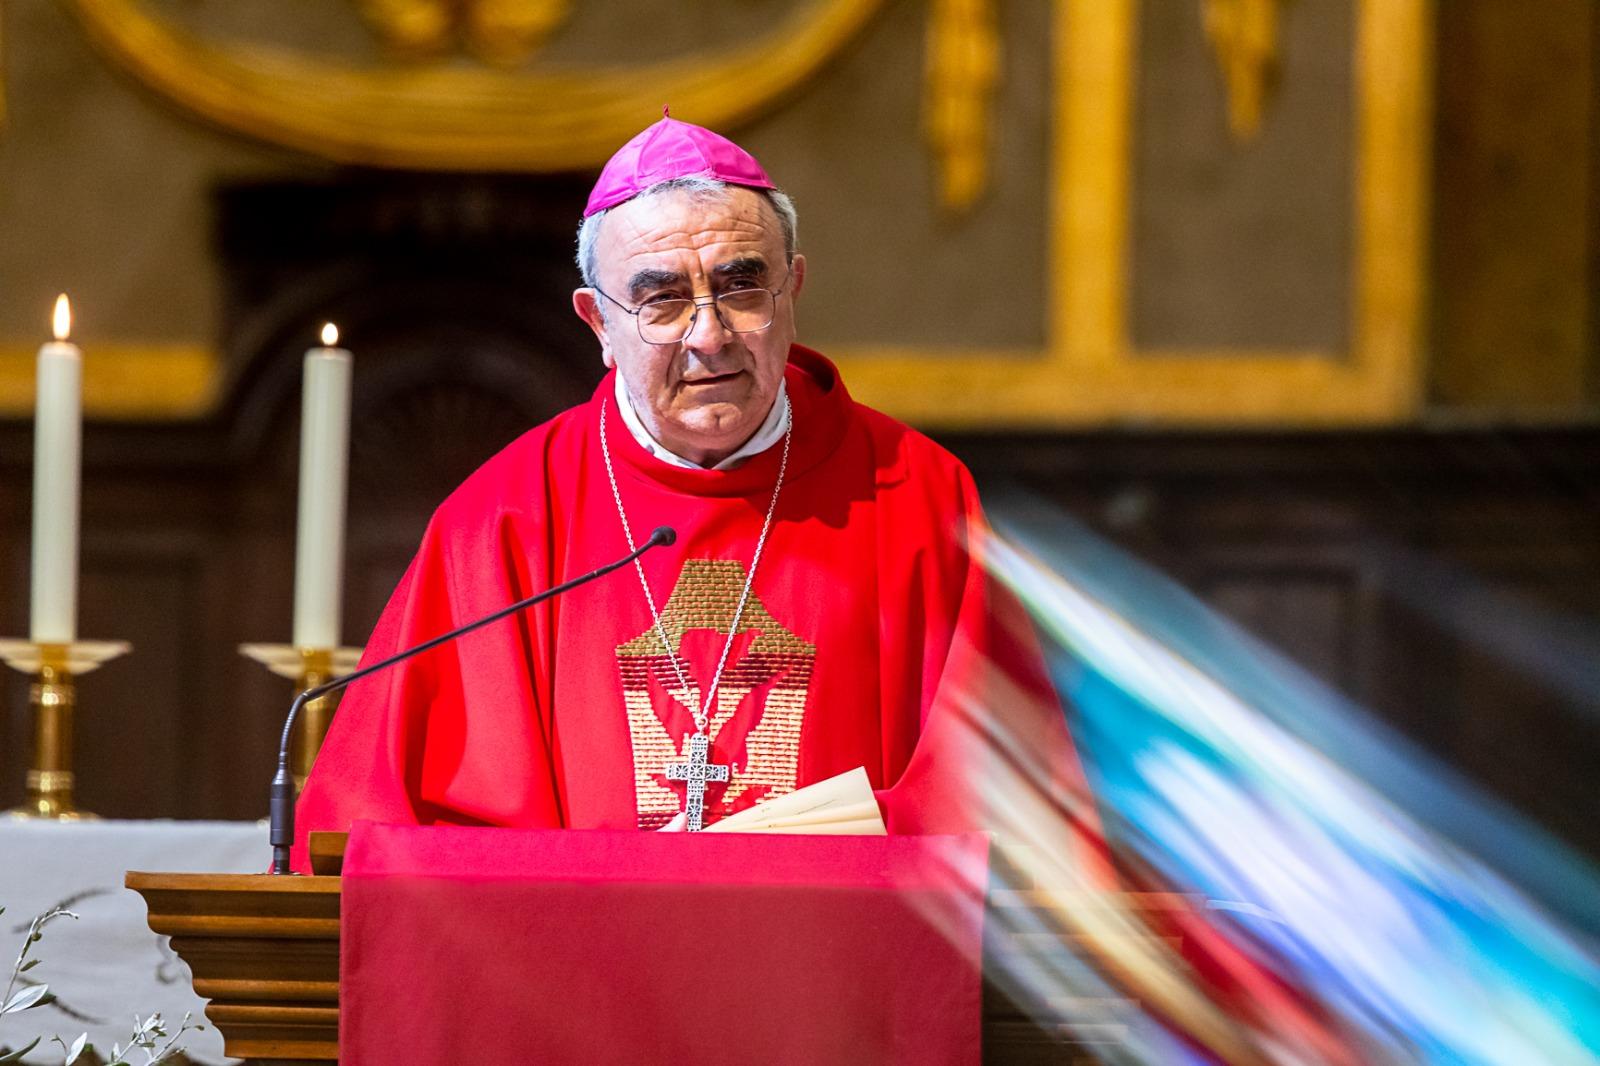 Pasqua 2020. Messaggio del Vescovo Franco al clero diocesano